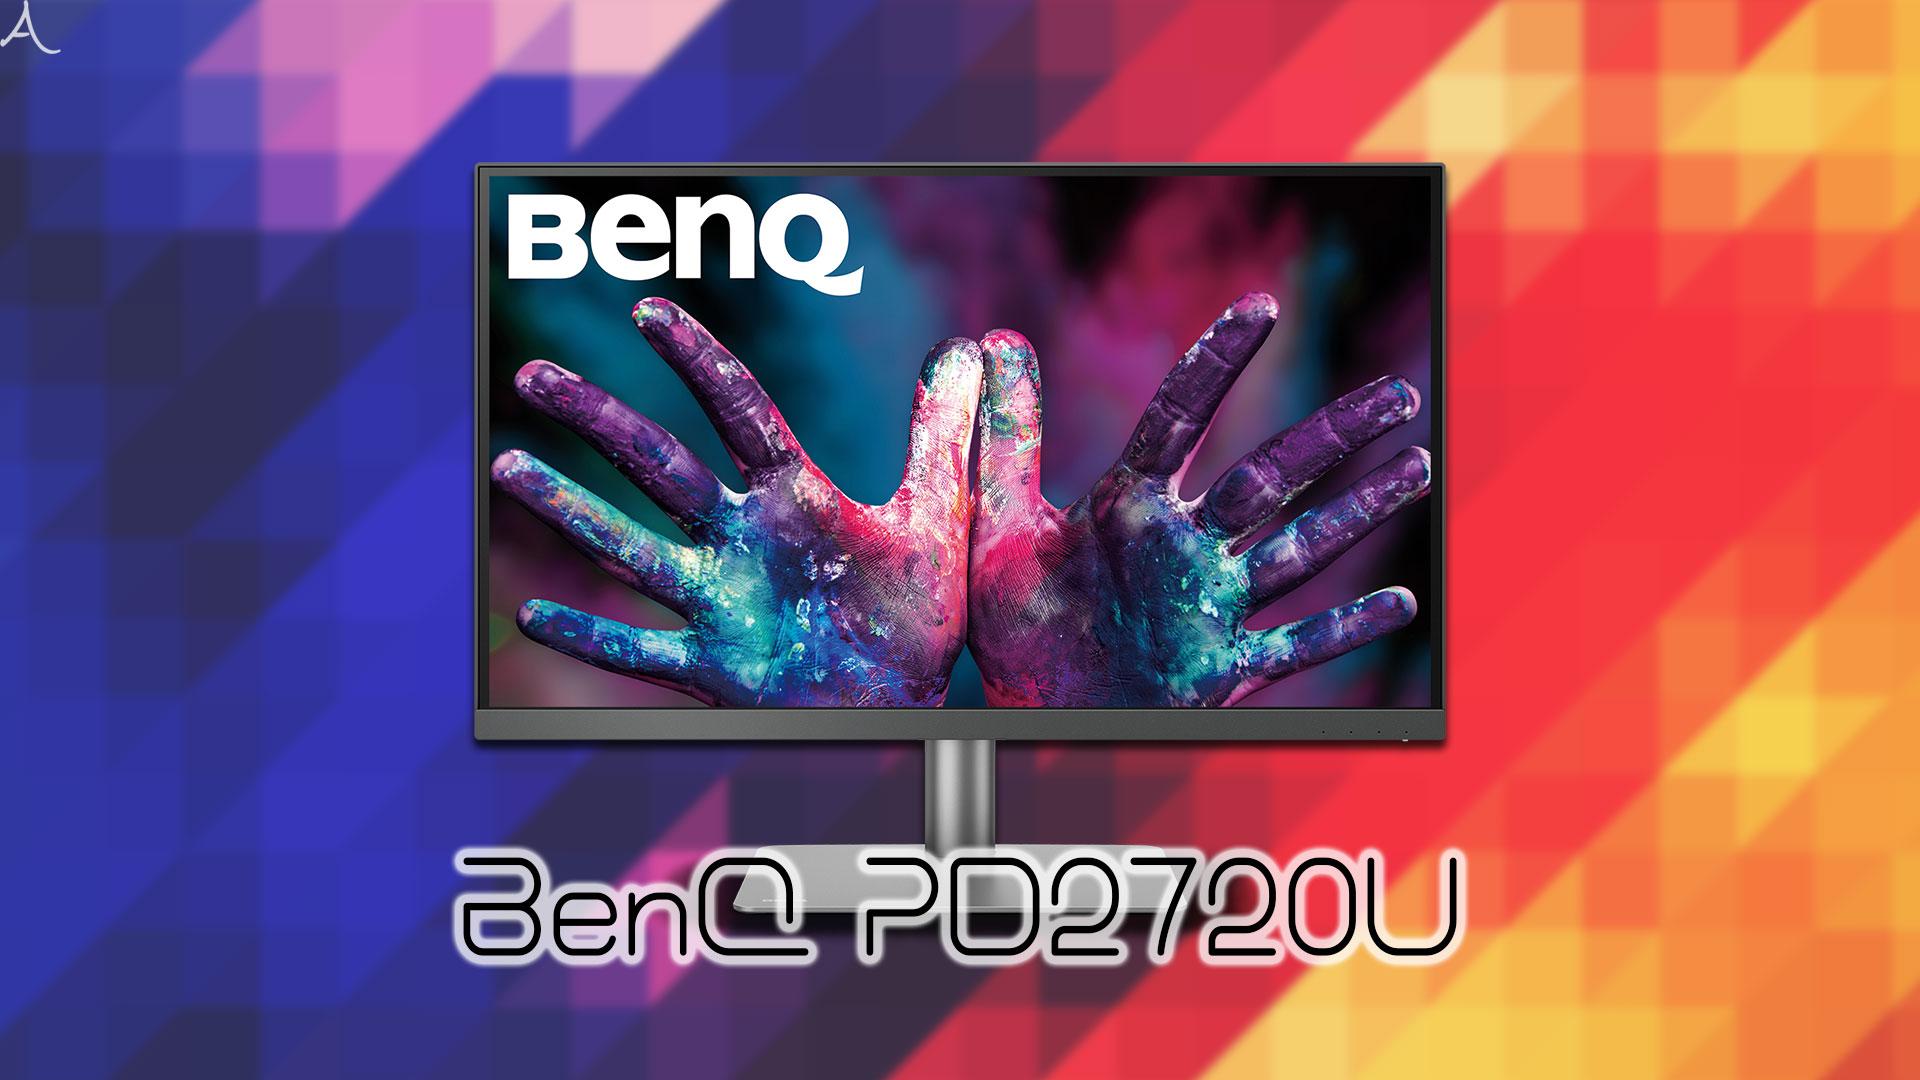 「BenQ PD2720U」ってモニターアーム使えるの?VESAサイズやおすすめアームはどれ?